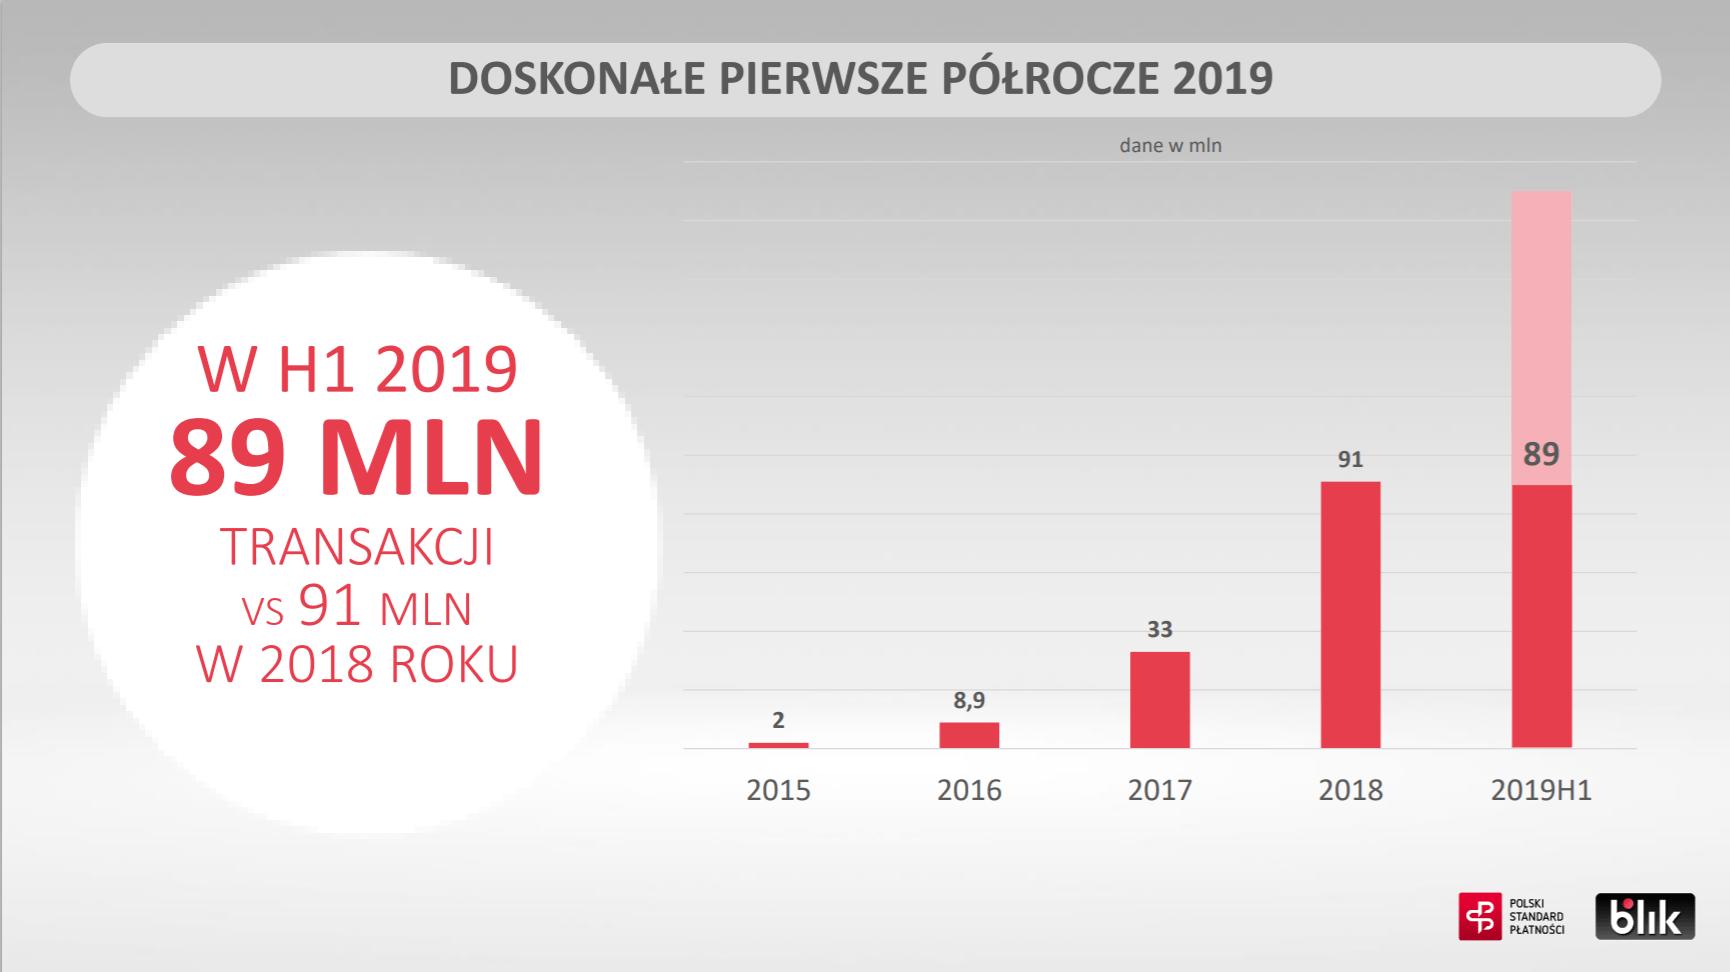 BLIK bije kolejne rekordy: 89 milionów transakcji w pierwszej połowie 2019 r. 22